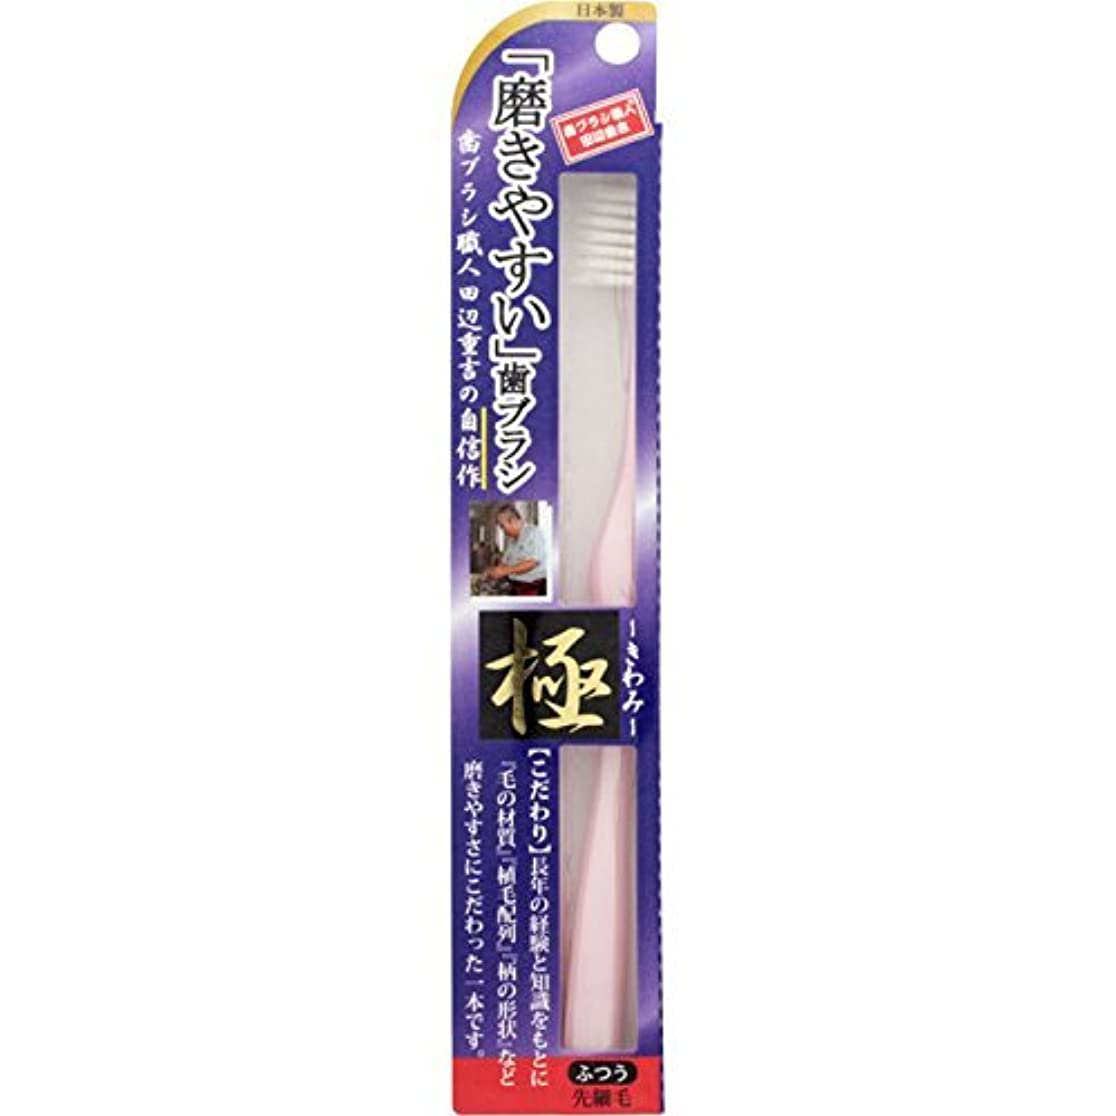 【まとめ買い】磨きやすい歯ブラシ 極 LT22 ×6個